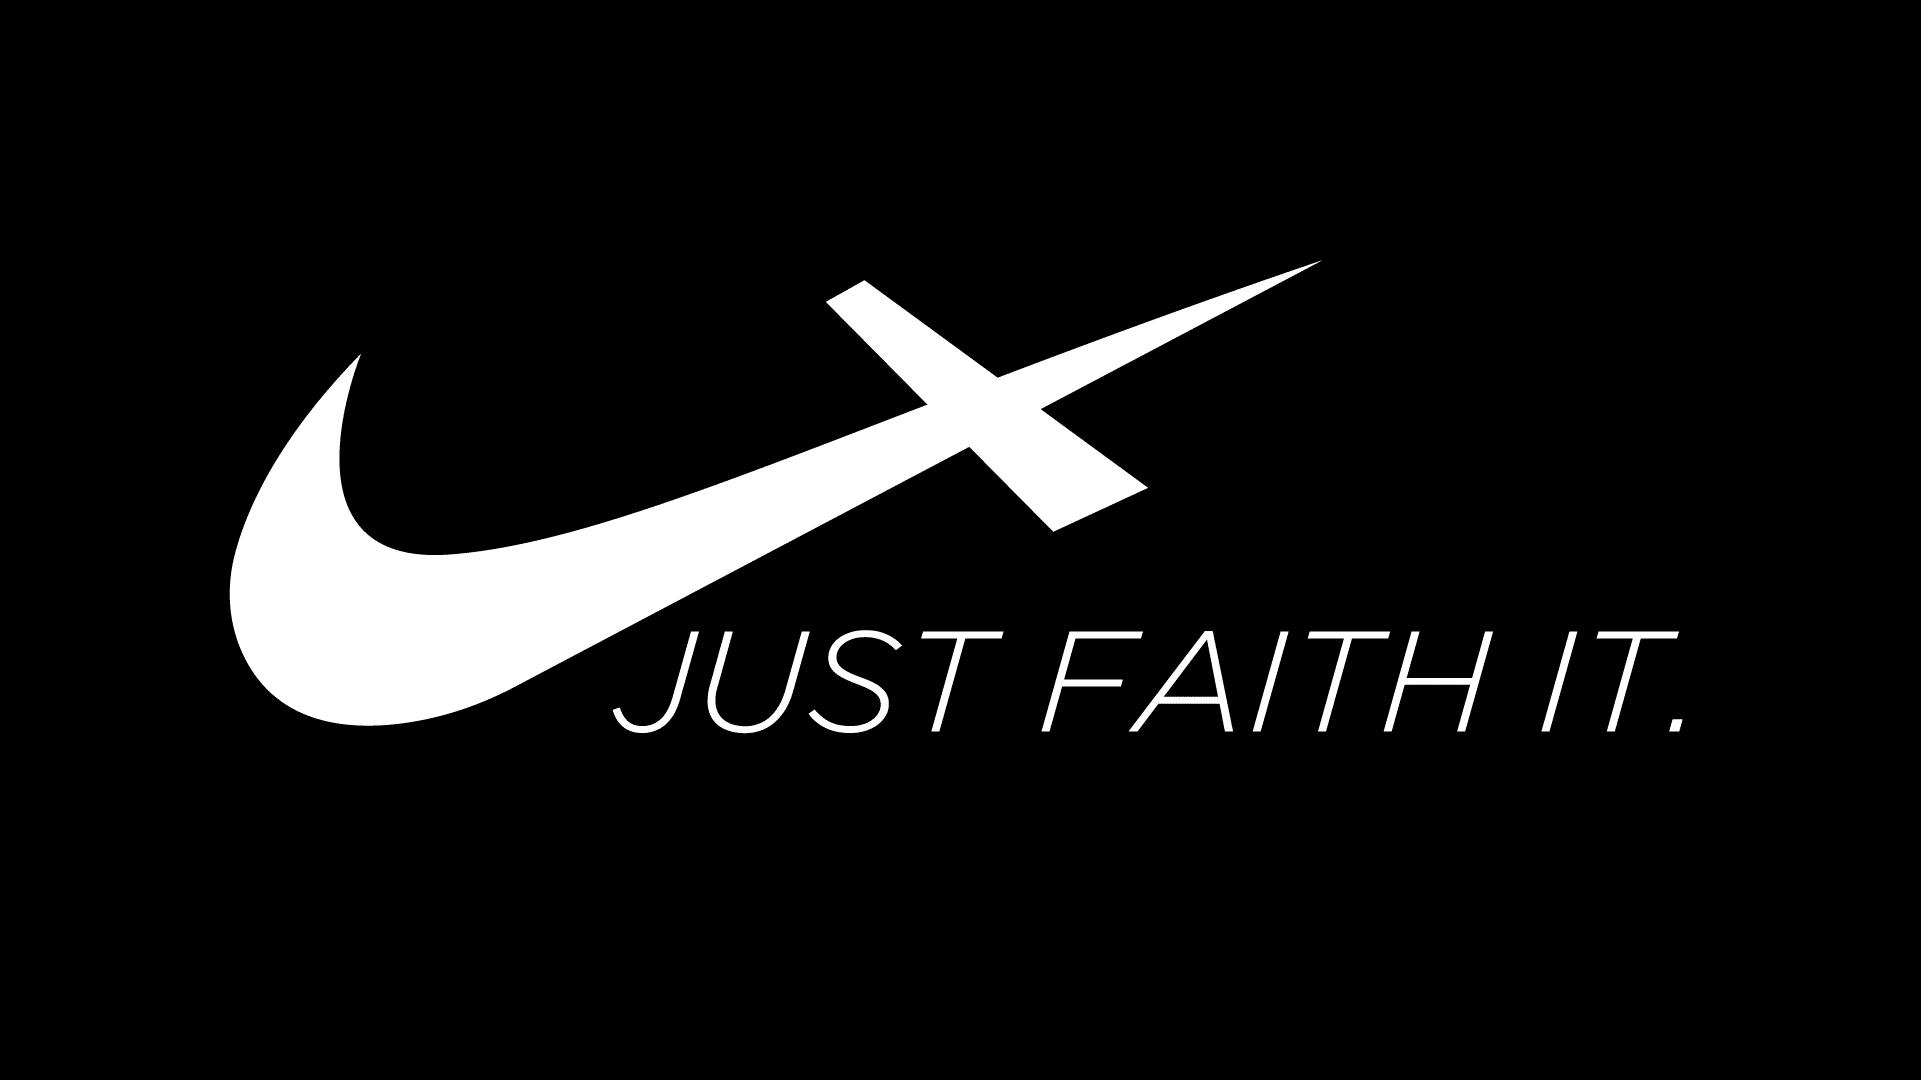 just faith it